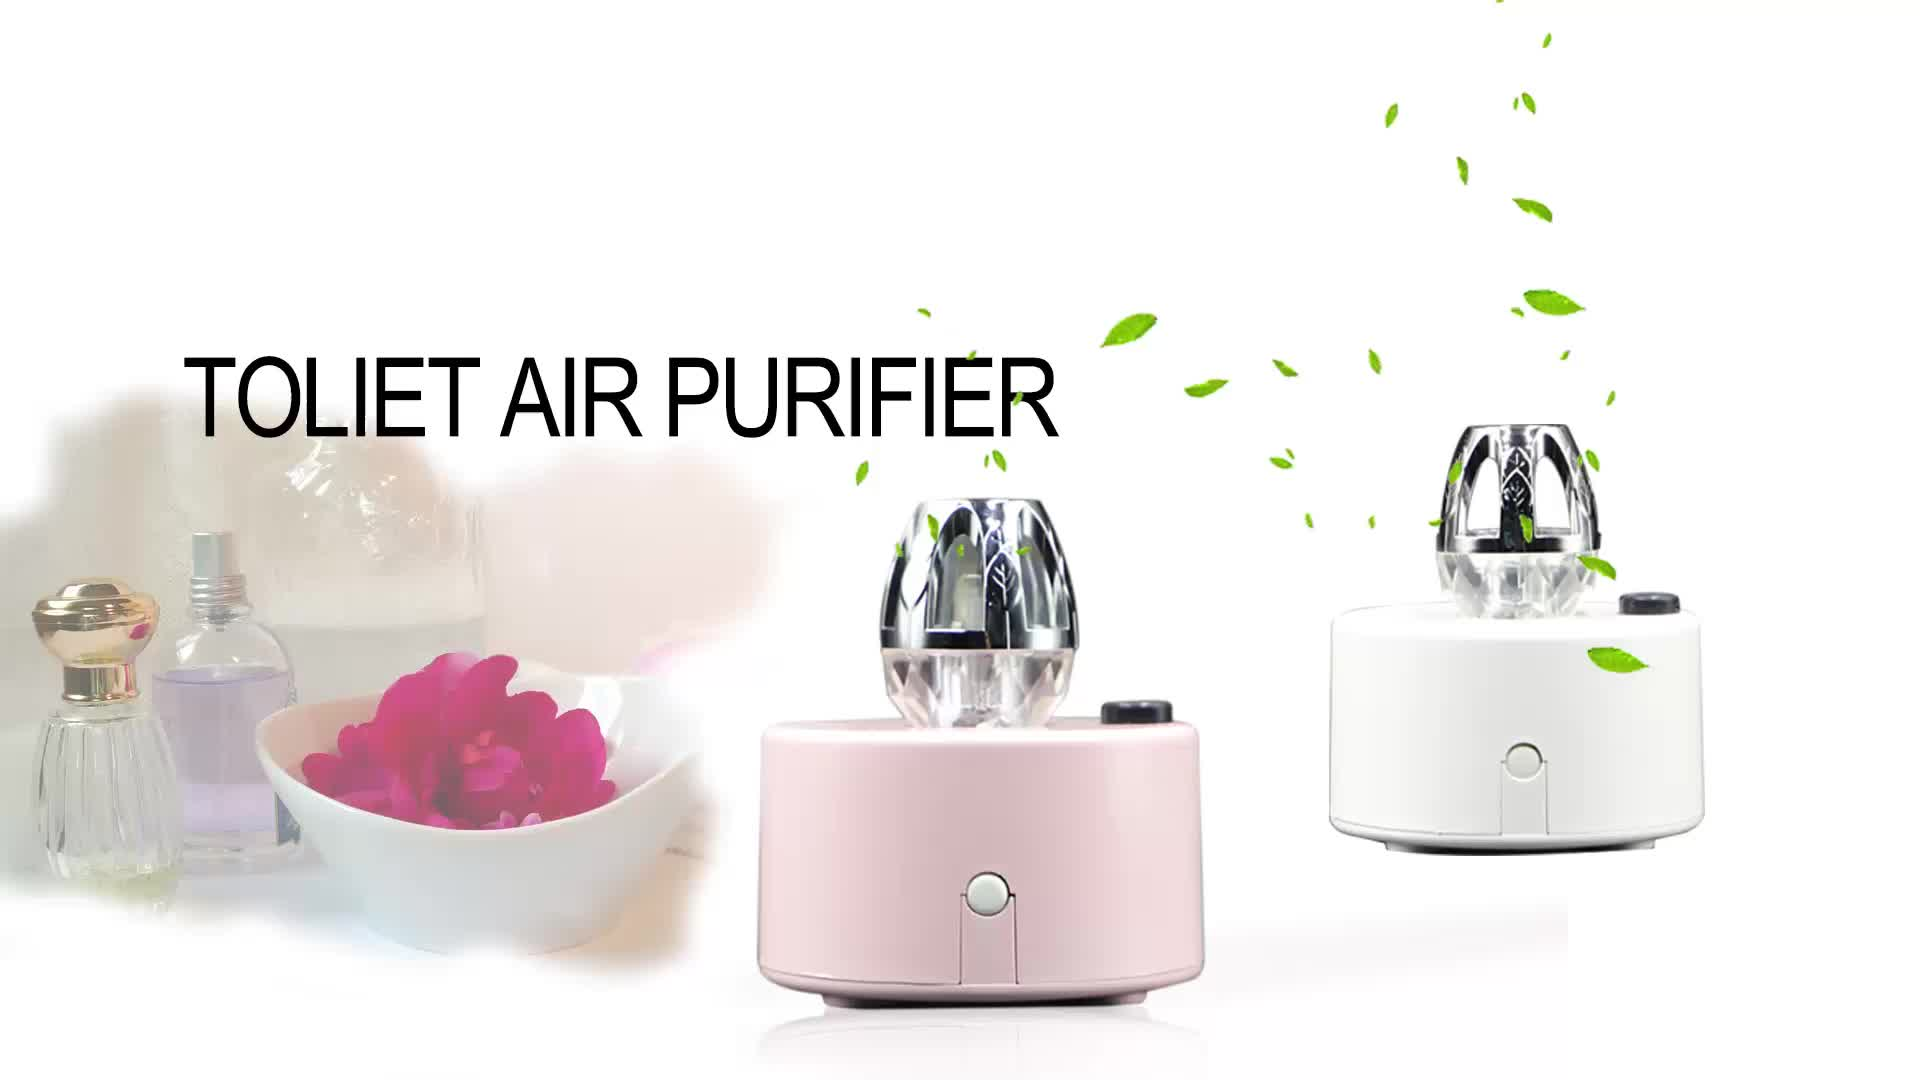 Escritorio purificador de aire de negocio único artículos de promoción Idea 2020 corporativa novedad regalo de Navidad